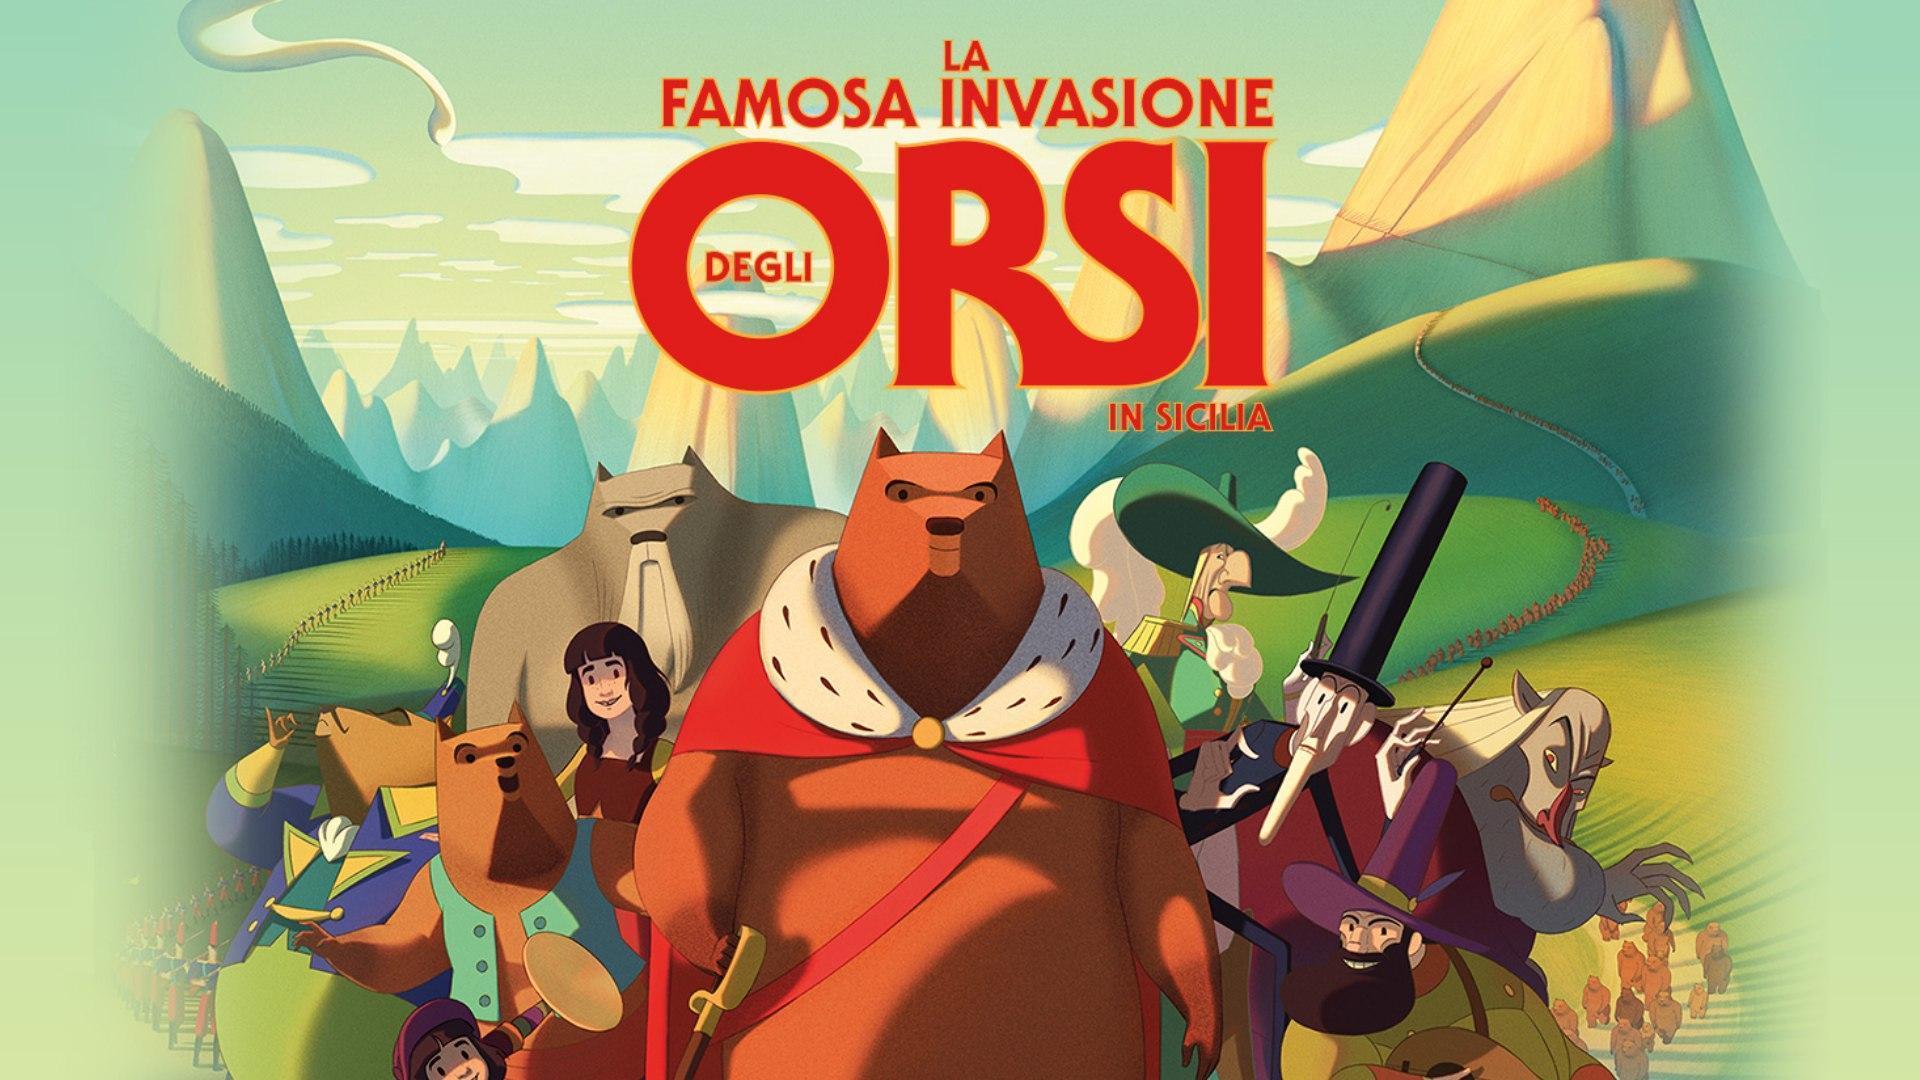 Sabato 17 Ottobre 2020 Sky Cinema HD, La famosa invasione degli orsi in Sicilia